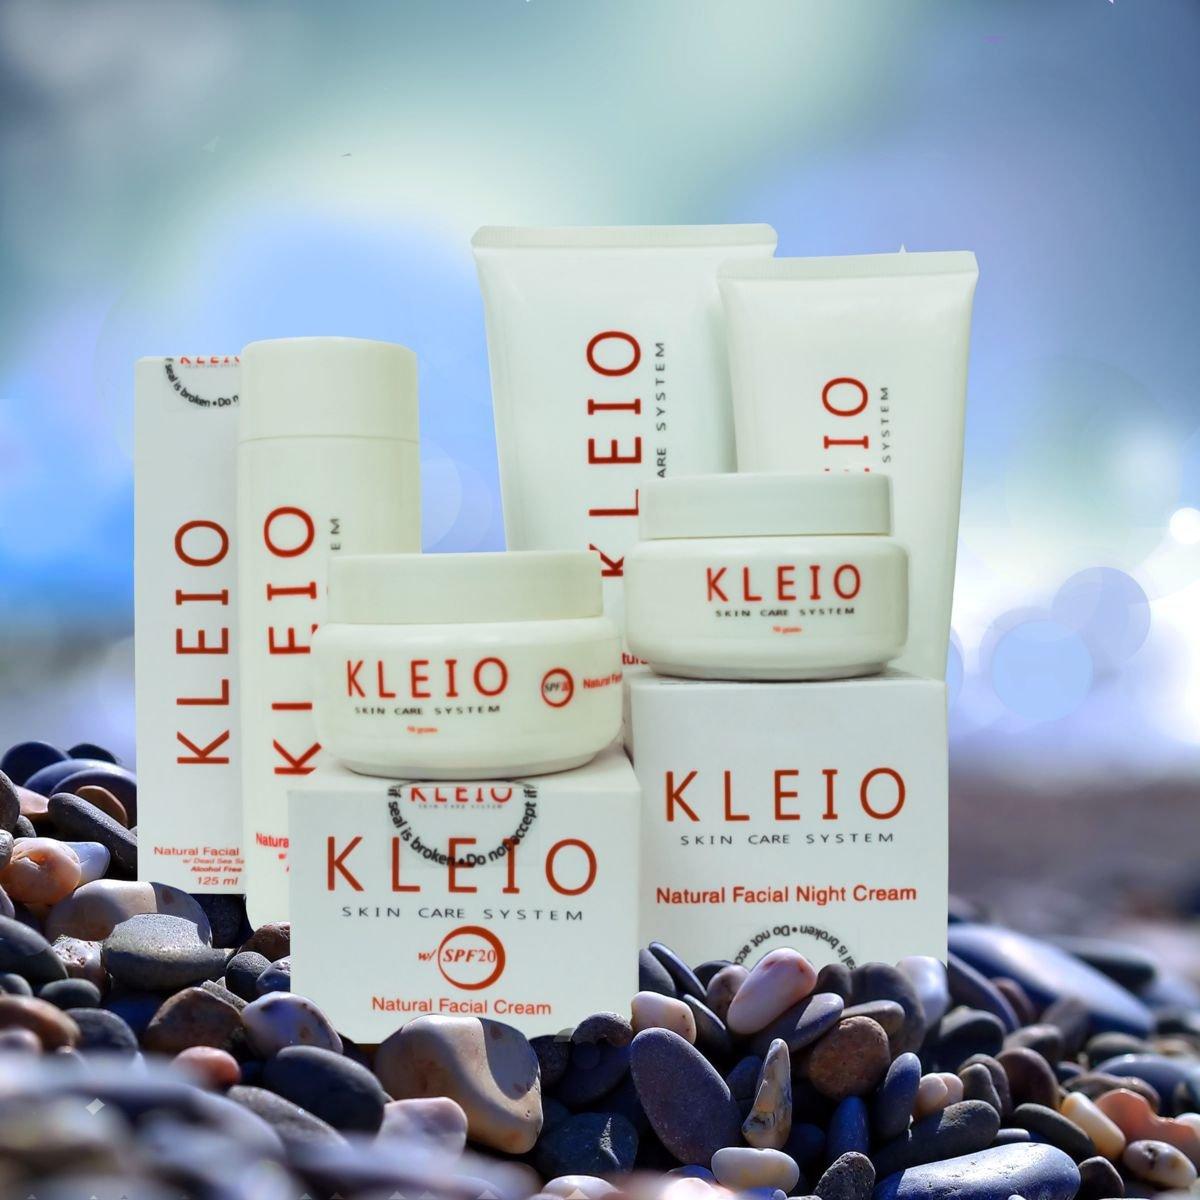 Natural Facial Cream with SPF20 KleioKleio<br>Дневной крем для лица, увлажняющий, питательный, солнцезащитный с легкой текстурой сохраняет естественную увлажненность и обеспечивает влагу в растущих клетках кожи, одновременно защищает кожу от вредного воздействия солнечных лучей с помощью солнечных фильтров. Разглаживает, придает коже лица яркость и выравнивает ее текстуру. Подходит для всех типов кожи, а также для особенно чувствительной кожи с морщинами.<br>Благодаря содержащимся в составе крема натуральным природным активным веществам, минералам и солям Мертвого моря, он замечательно увлажняет и питает кожу в течение всего дня, одновременно при этом, защищая поверхность вашей кожи от вредного воздействия солнечных лучей с помощью минерального УФ фильтра. После применения крема быстро нормализуется гидробаланс и функциональность эпидермиса: улучшается работа эпидермальных липидов в роговом слое кожи, способных удерживать свободную влагу, вследствие чего повышается активность ферментов, которые способствуют максимально эффективному усвоению витаминов и минералов.&amp;nbsp;<br>В результате блокируется процесс дегидратации (обезвоживания) и значительно улучшается общее состояние кожи: разглаживается, повышается упругость и эластичность, появляется естественный цвет лица и яркость, выравнивается текстура. Также улучшается состояние кислотной мантии (кислая гидролипидная защитная пленка) и уравновешивается Ph баланс, что в свою очередь приведет к повышению собственного иммунитета кожи, защищая ее от воздействия различных неблагоприятных факторов окружающей среды.<br>В результате нормализации гидробаланса кожи значительно улучшится ее десквамация (отшелушивание и отслаивание отмерших клеток с поверхности рогового слоя кожи), впоследствии чего кожа достигает заметного омолаживающего эффекта.<br>Способ применения: подходит для всех типов кожи, а также для чувствительной кожи с морщинами. Перед применением крема, для достижения наилучшего результата, необходимо очистить кож